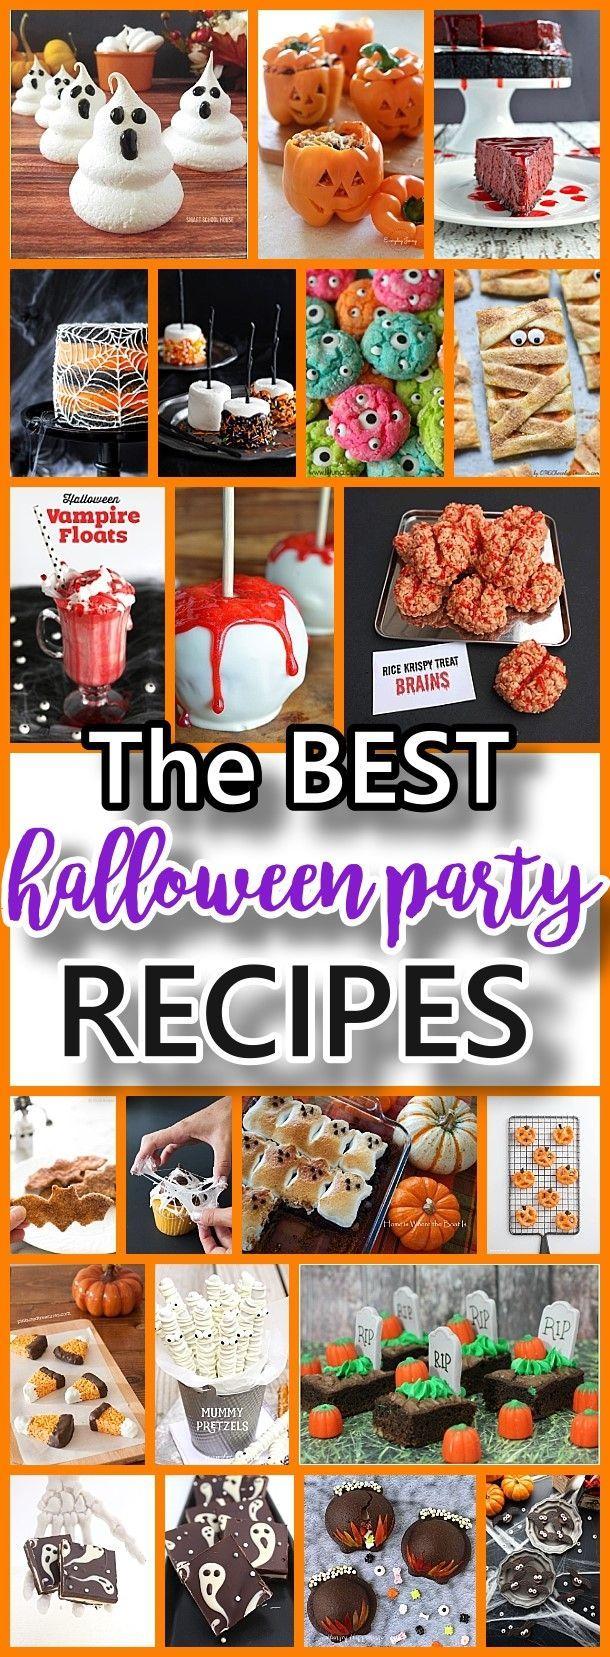 Best 25+ Halloween party foods ideas on Pinterest | Halloween ...